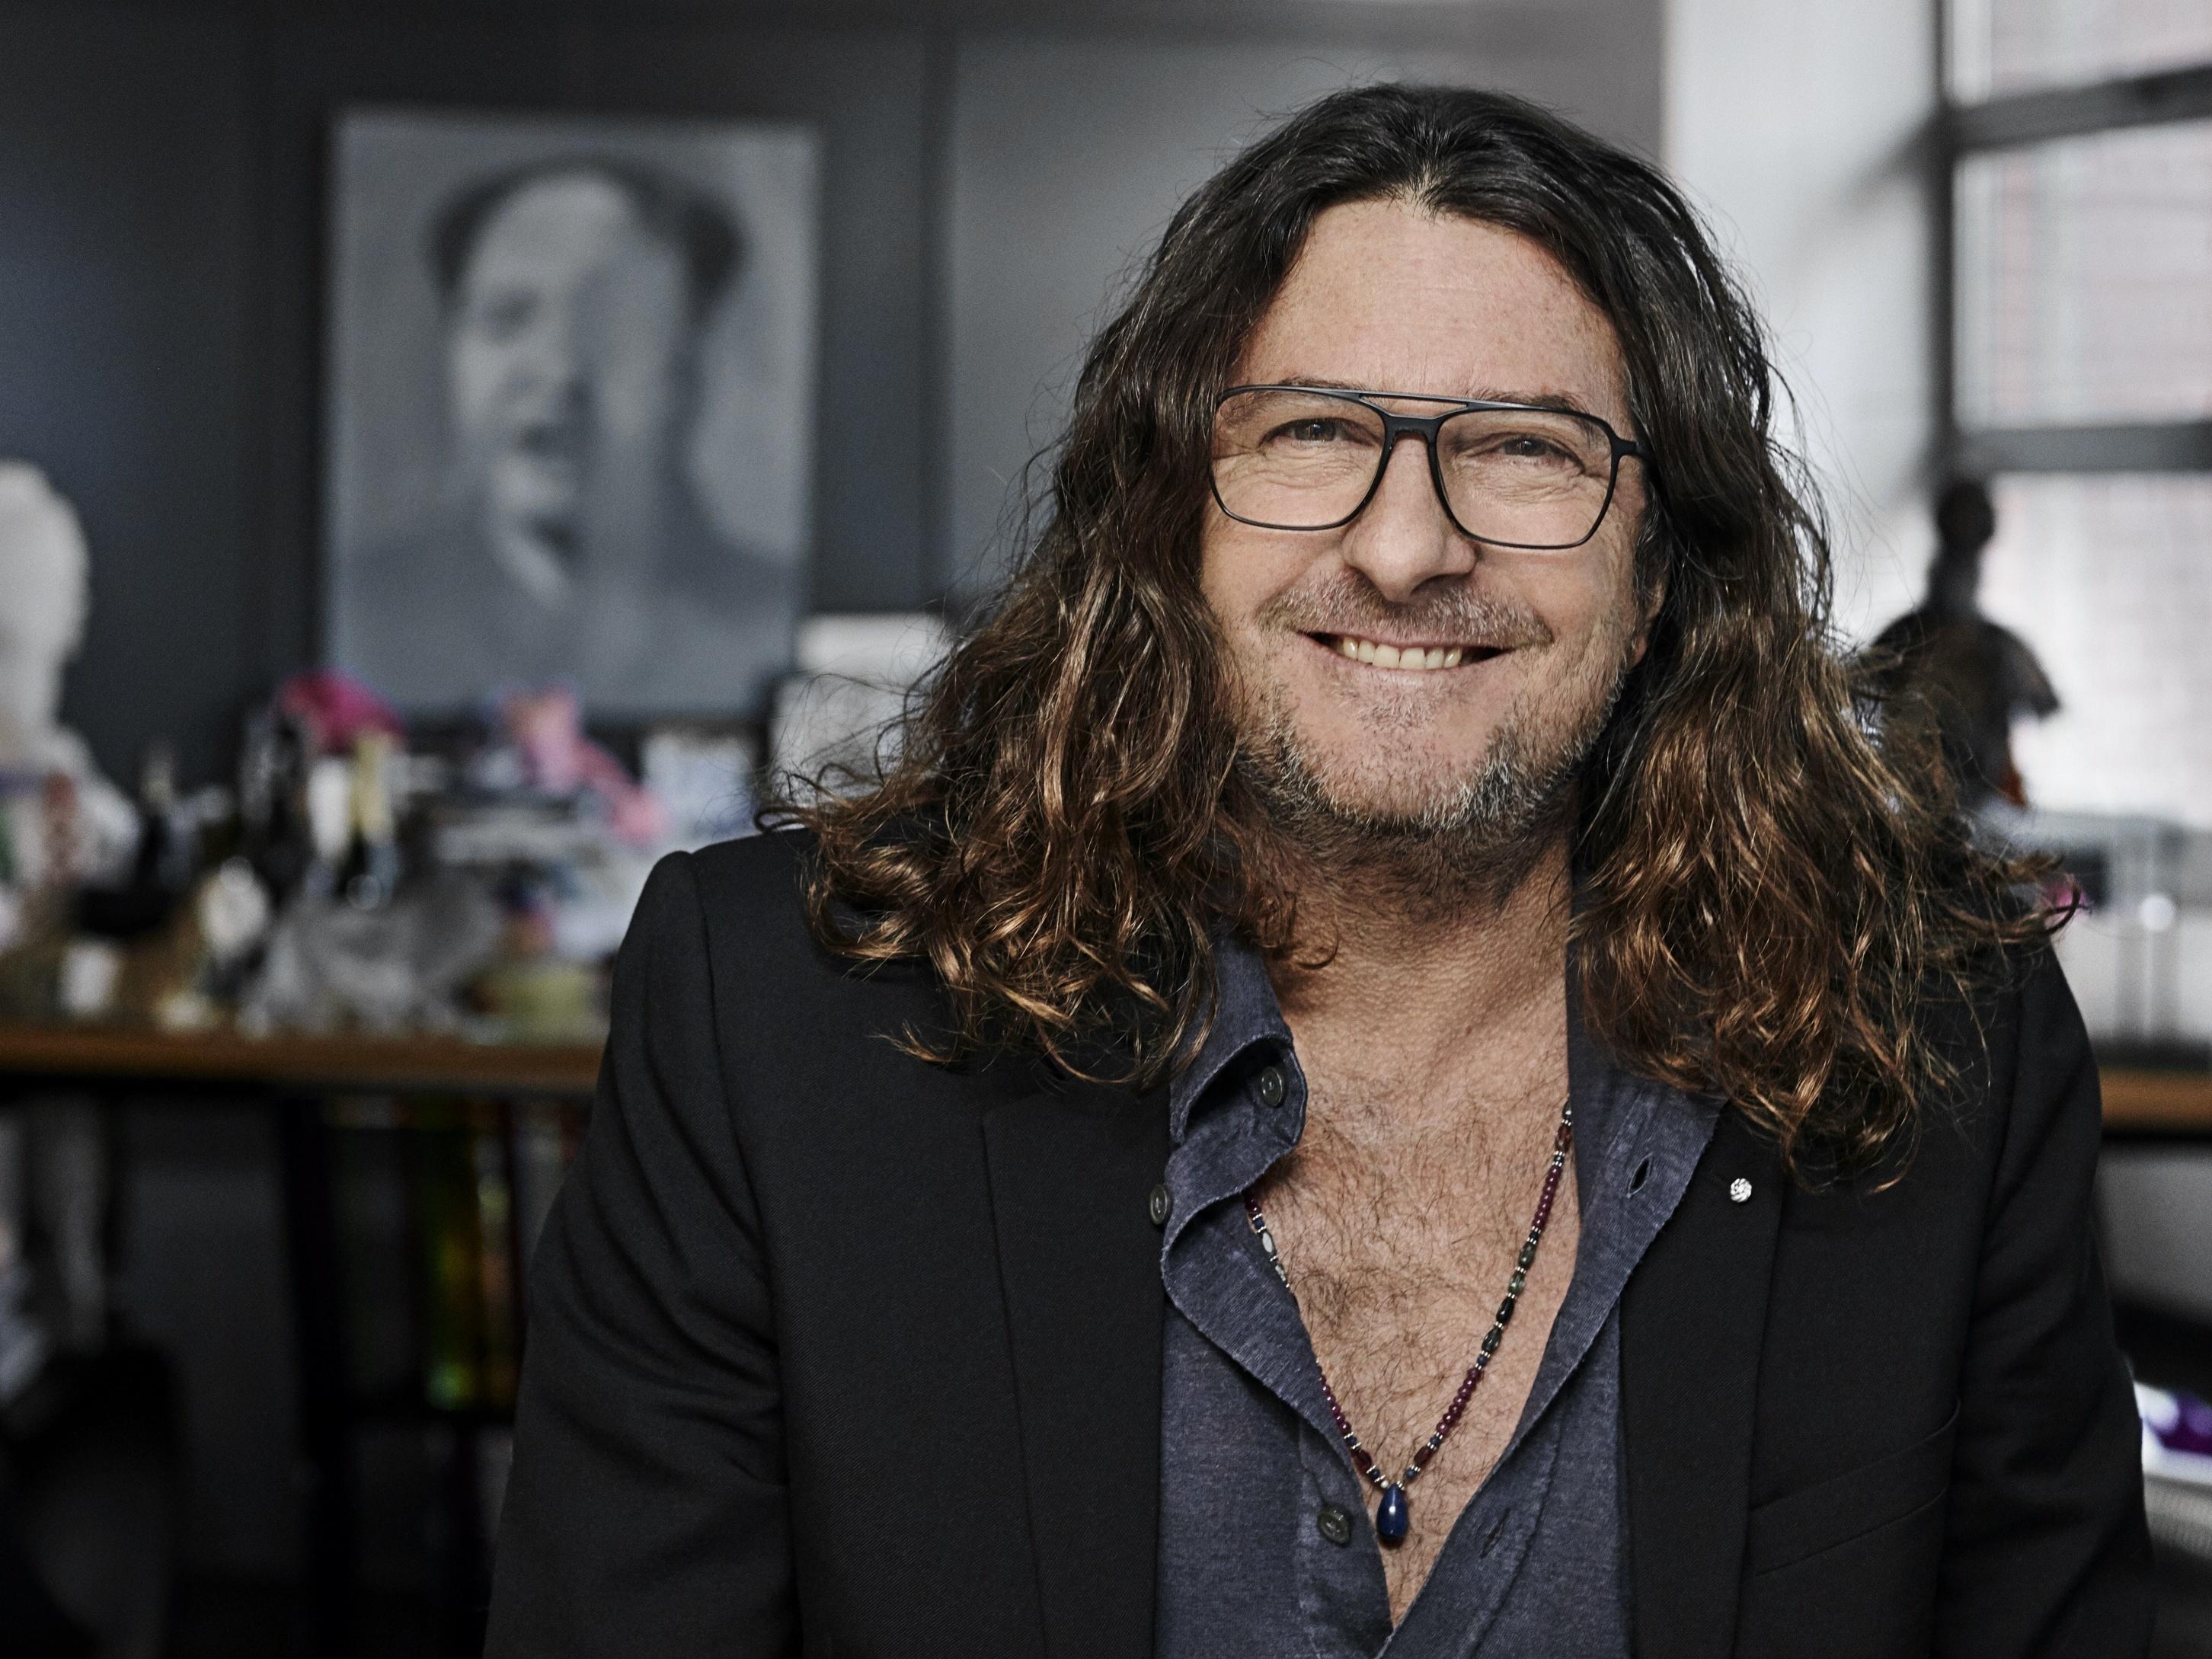 Jacques-Antoine Granjon, presidente, direttore generale e fondatore del Gruppo vente-privee